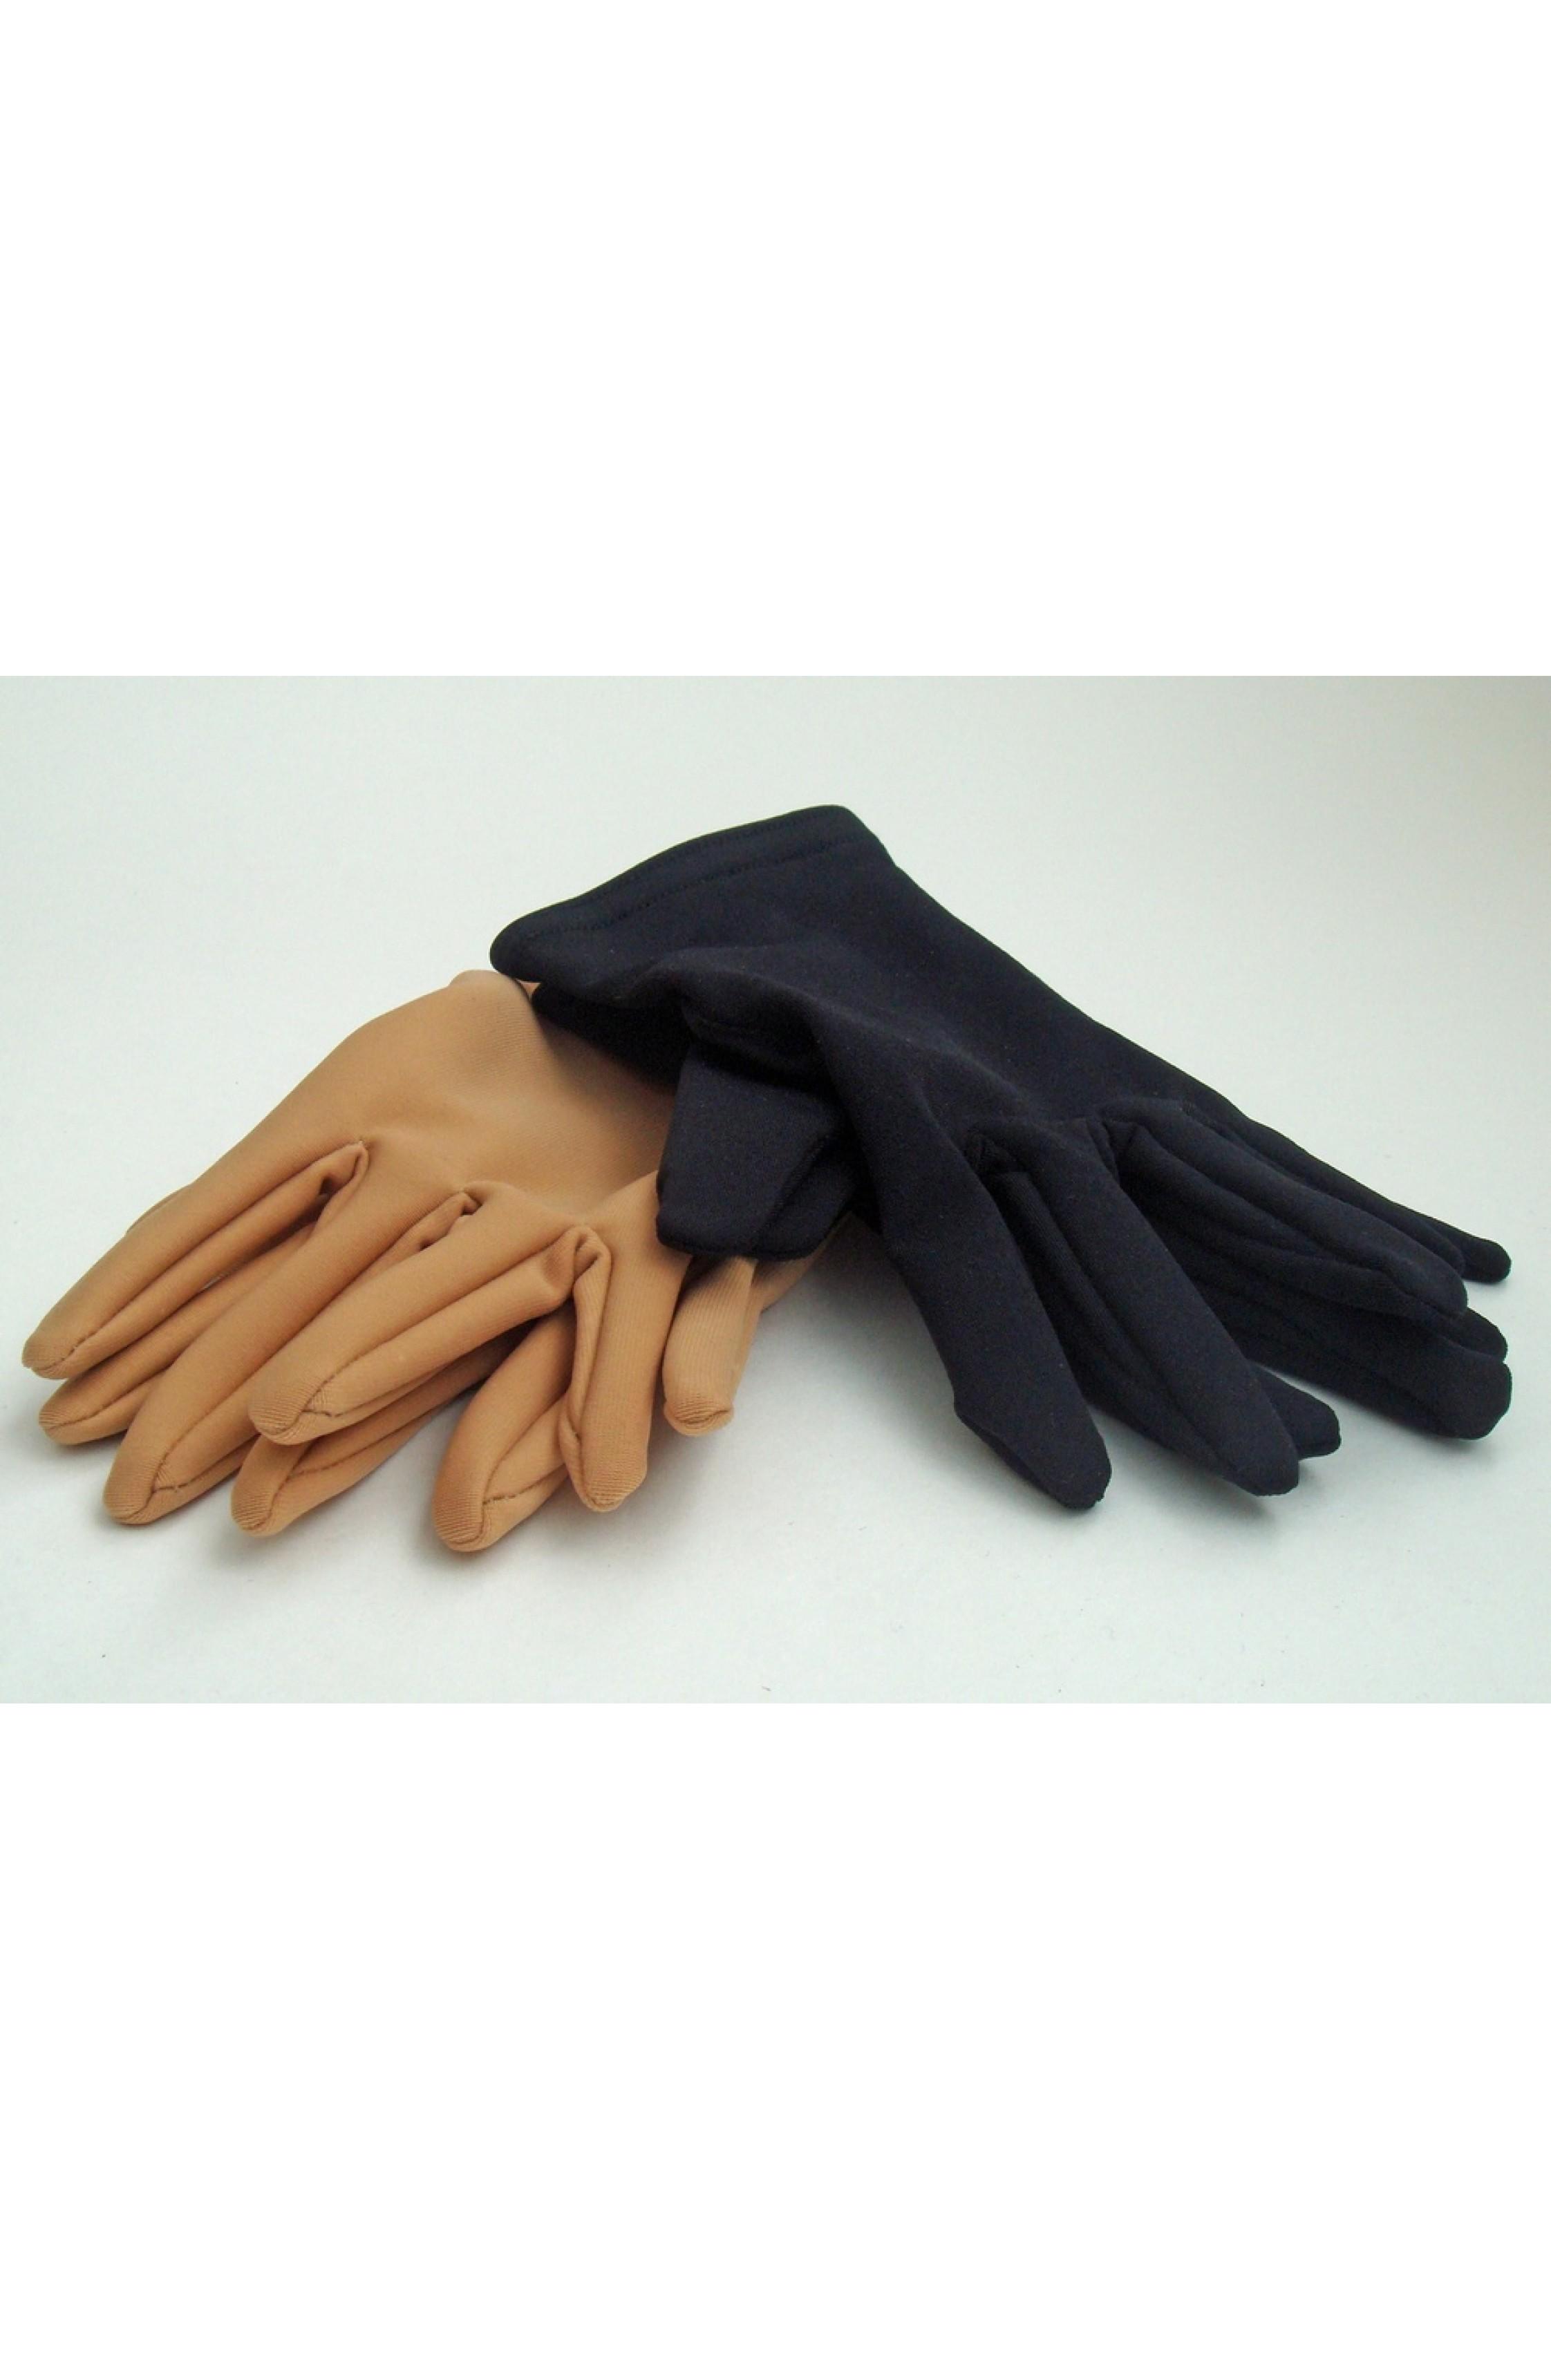 Теплые термо перчатки для фигурного катания